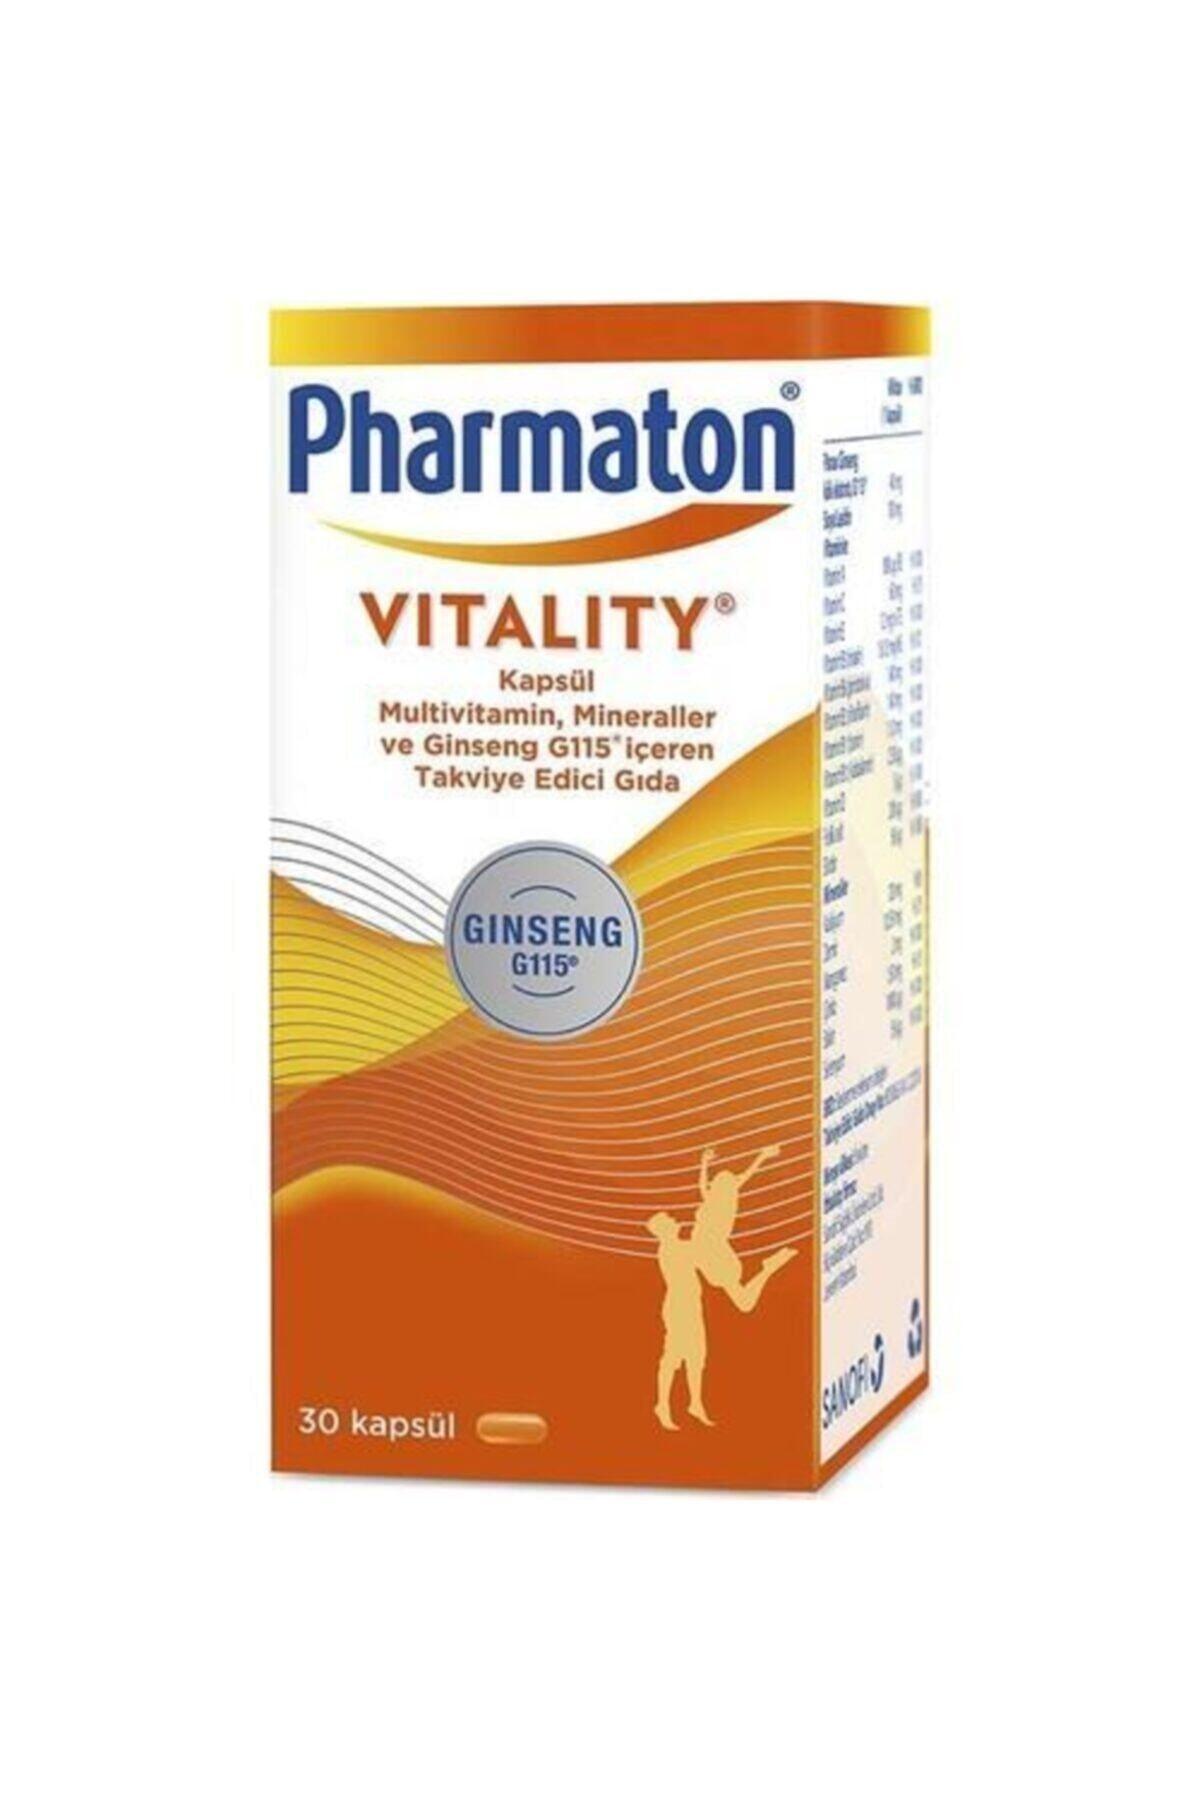 Pharmaton Vitality Multivitamin Mineraller ve Ginseng G115 İçeren Takviye Edici Gıda 30 Kapsül 1